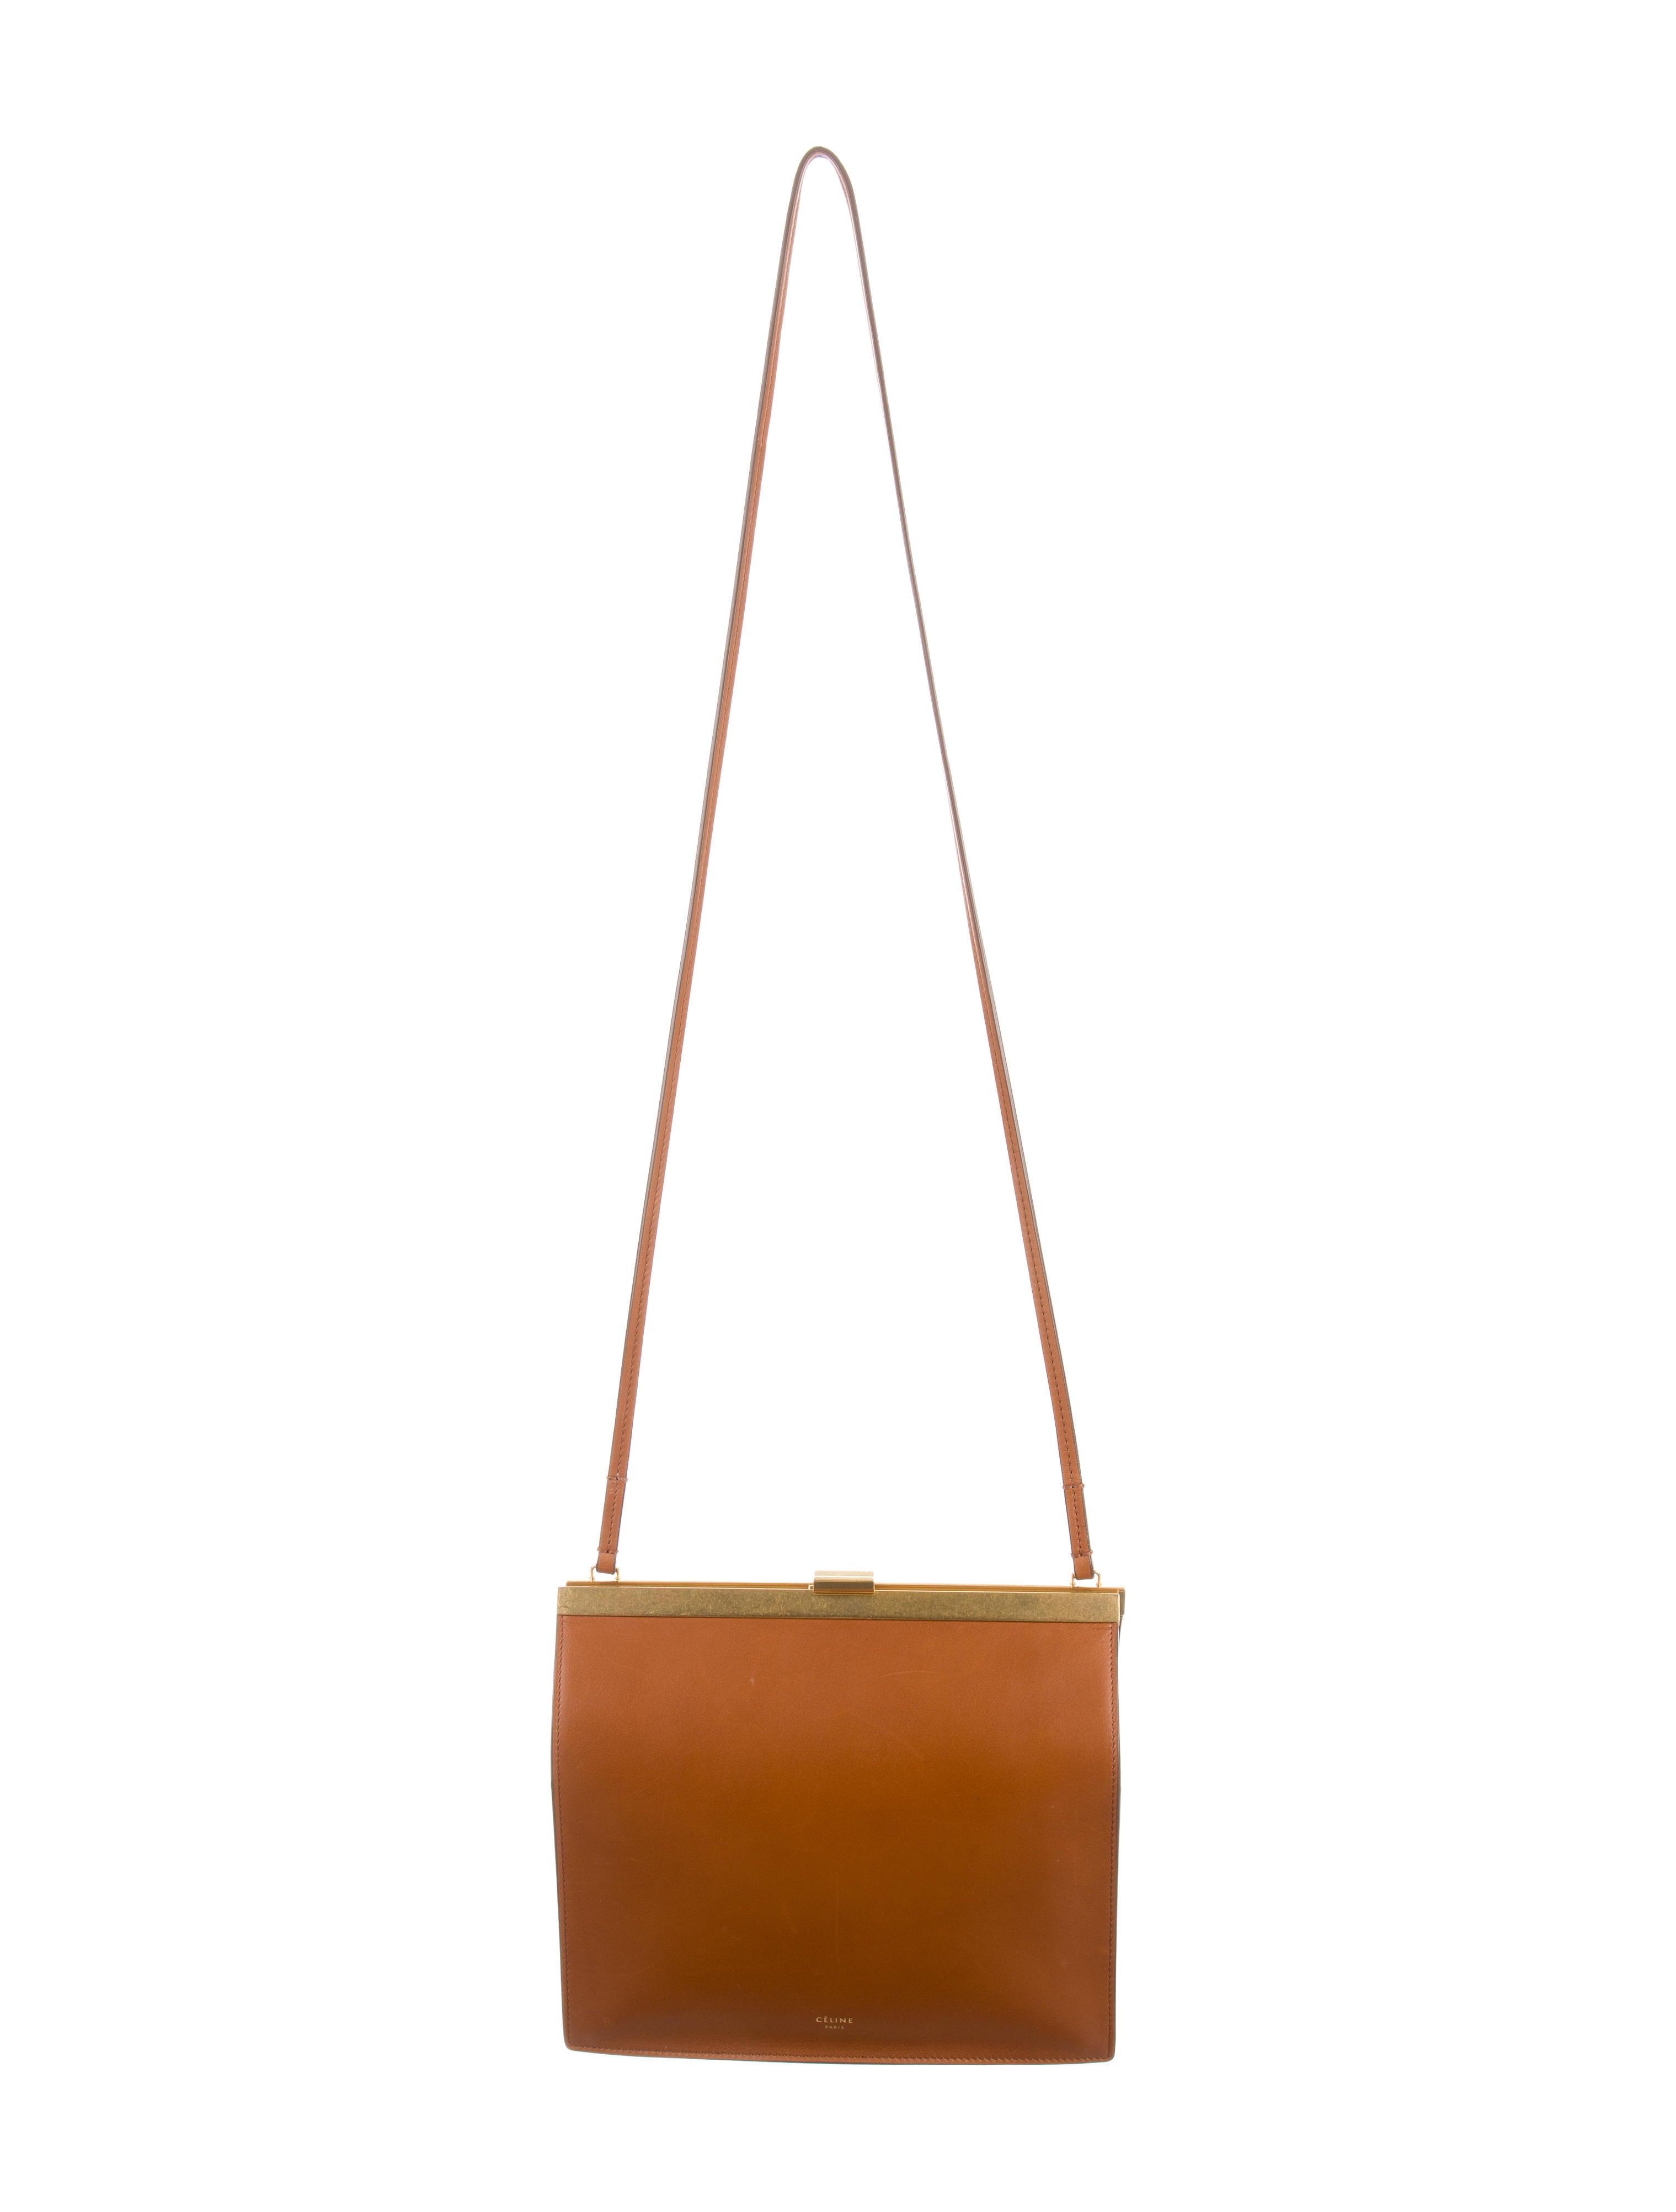 027393b288f4 Celine Céline 2017 Mini Clasp Shoulder Bag - Handbags - CEL58490 ...